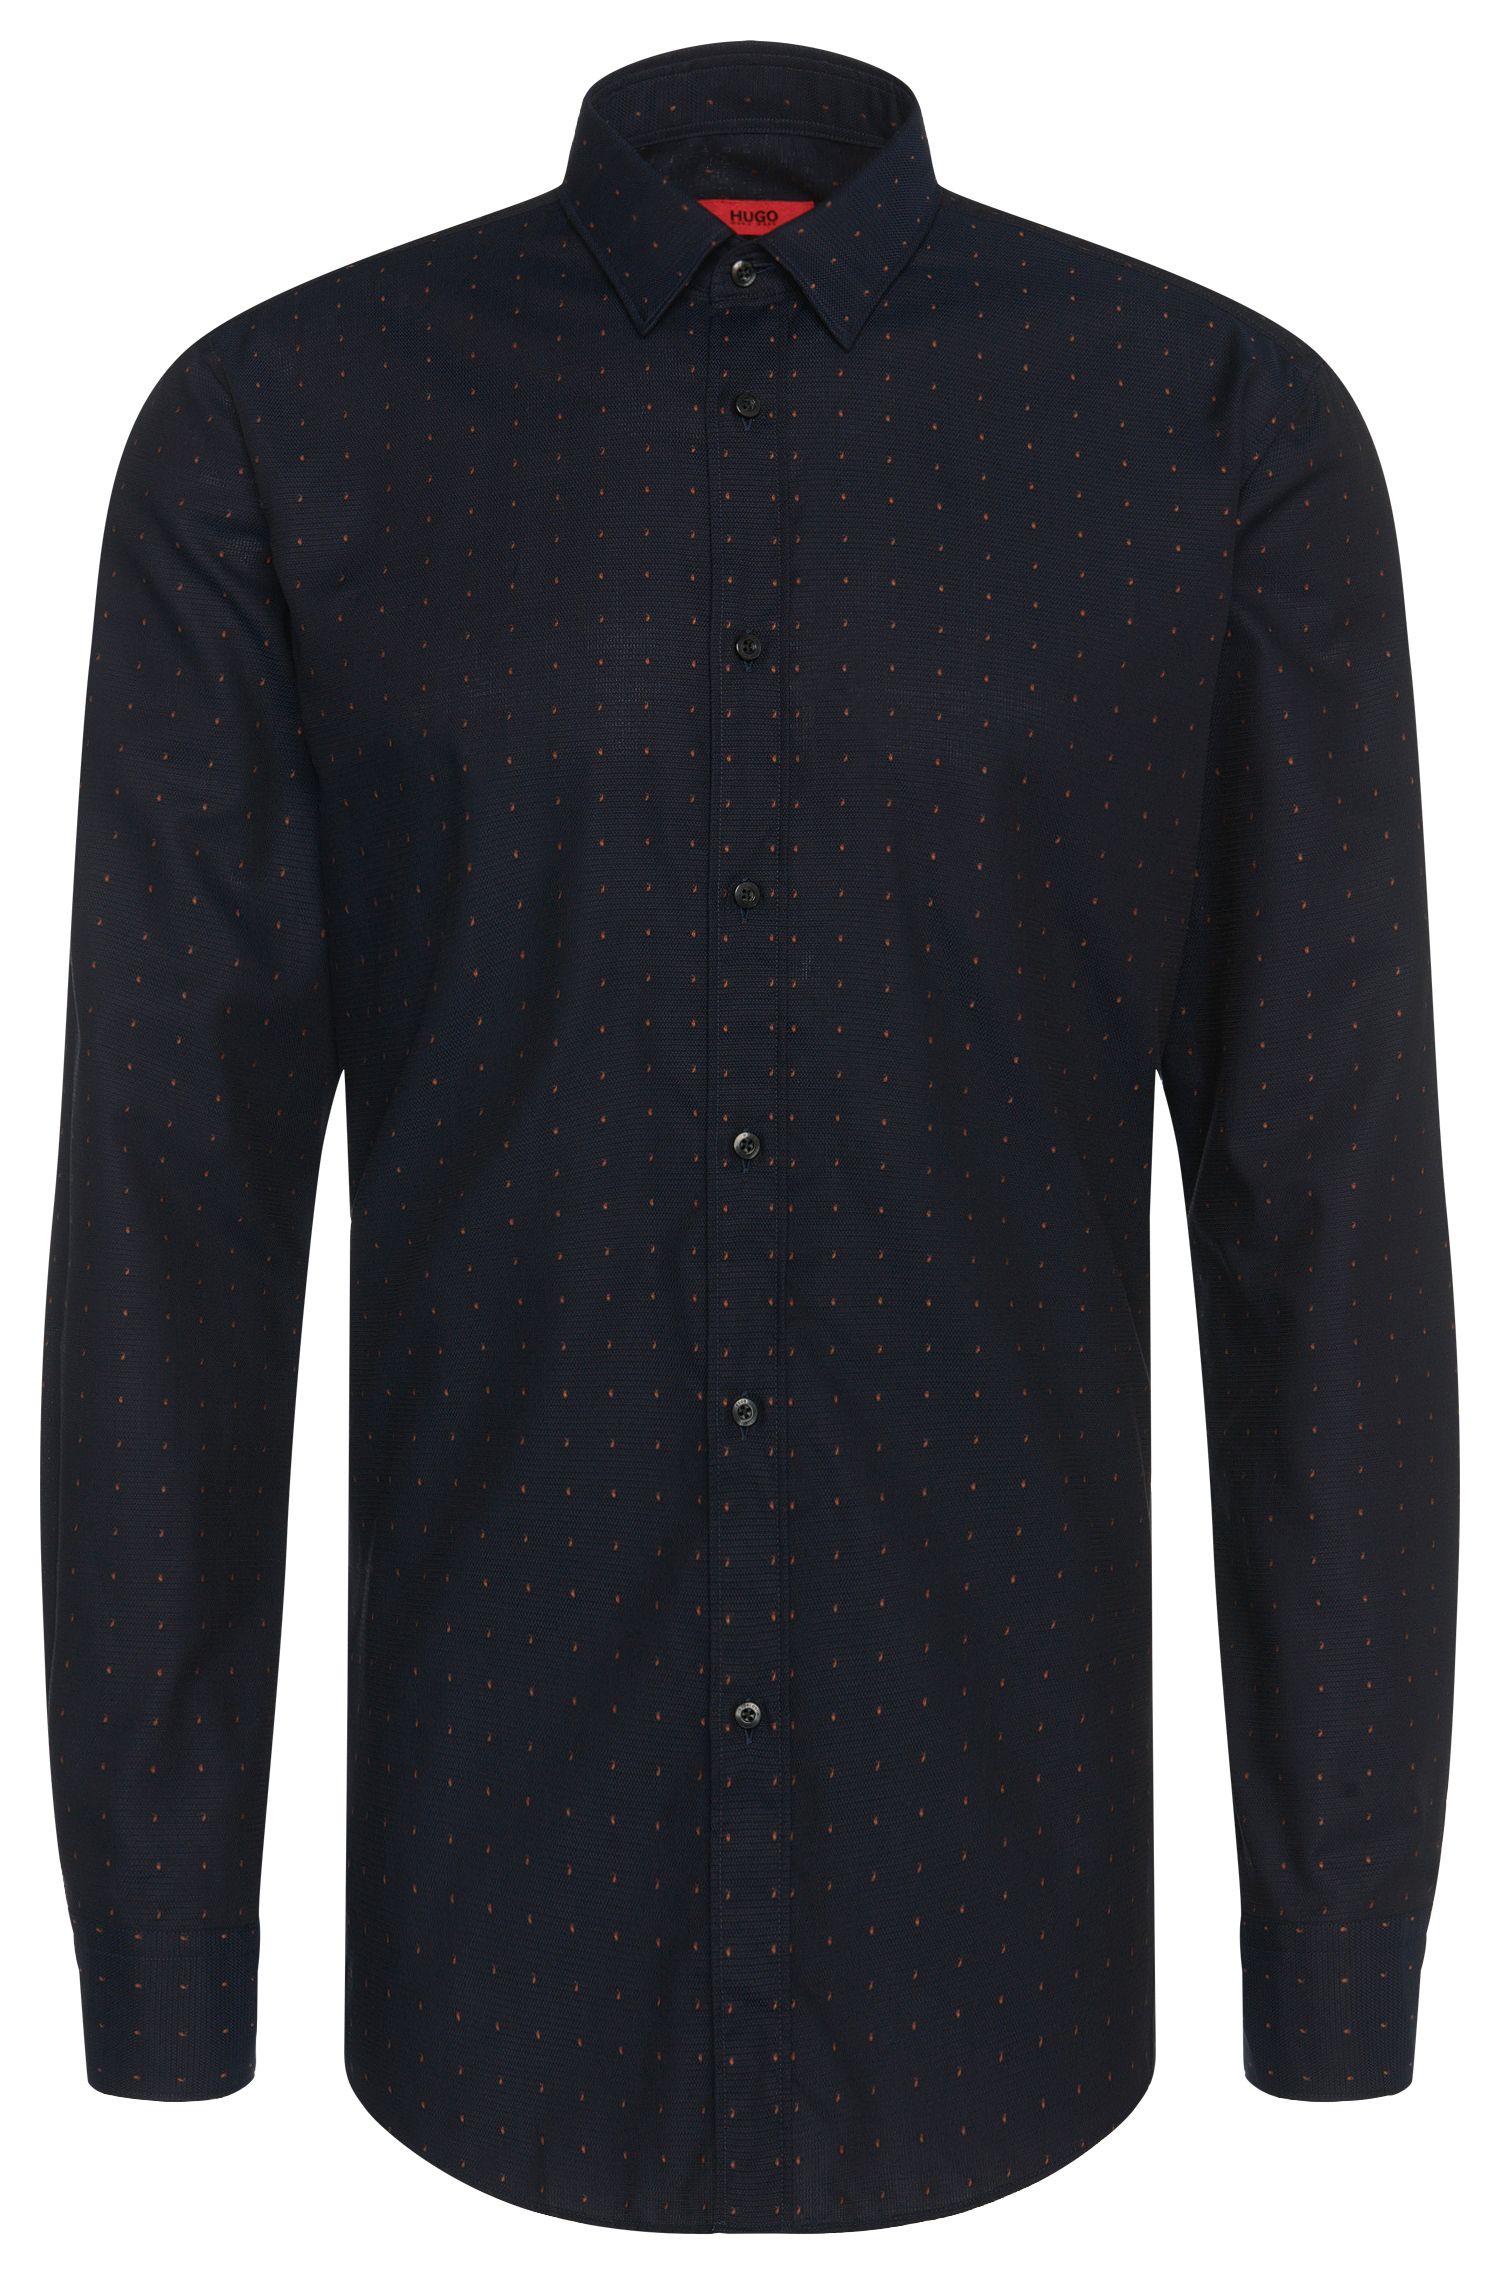 'Elisha' | Slim Fit, Fil Coupe Cotton Button Down Shirt